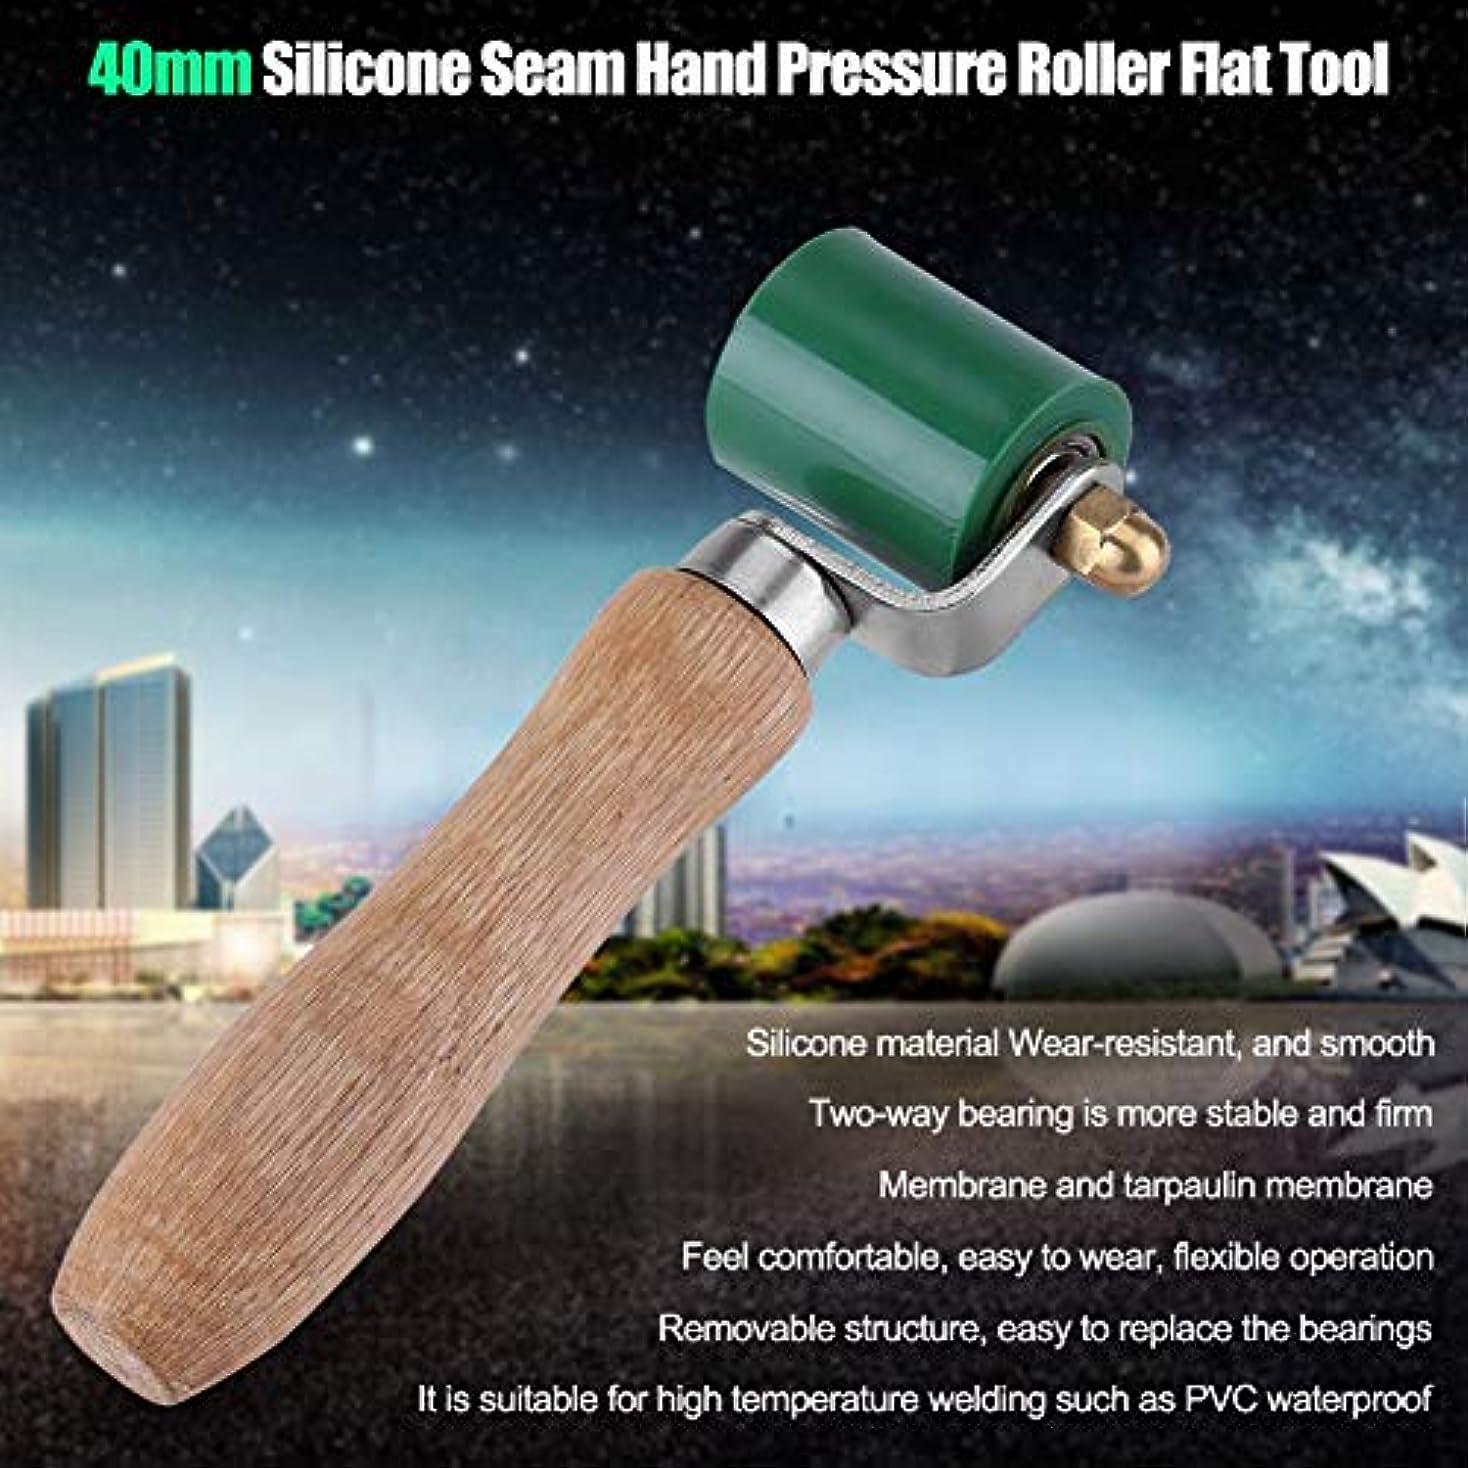 の面では剥ぎ取る名前Duokon 40mm シリコン高温耐性シーム 手押しローラー 屋根ふきPVC溶接ツール